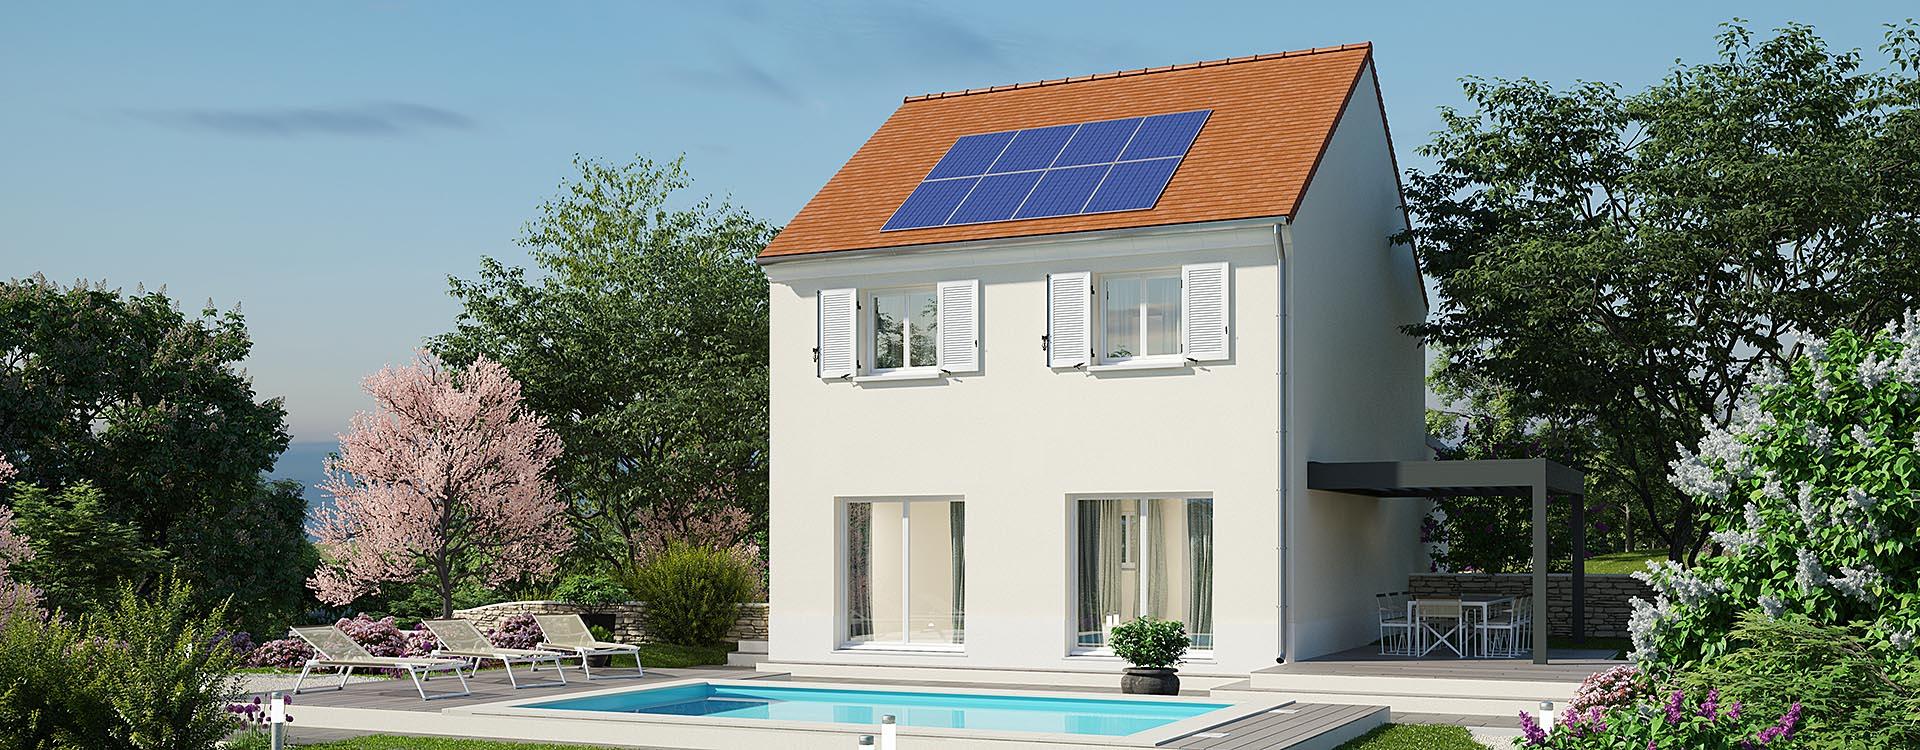 Maisons du constructeur MAISONS PIERRE • 107 m² • ARPAJON